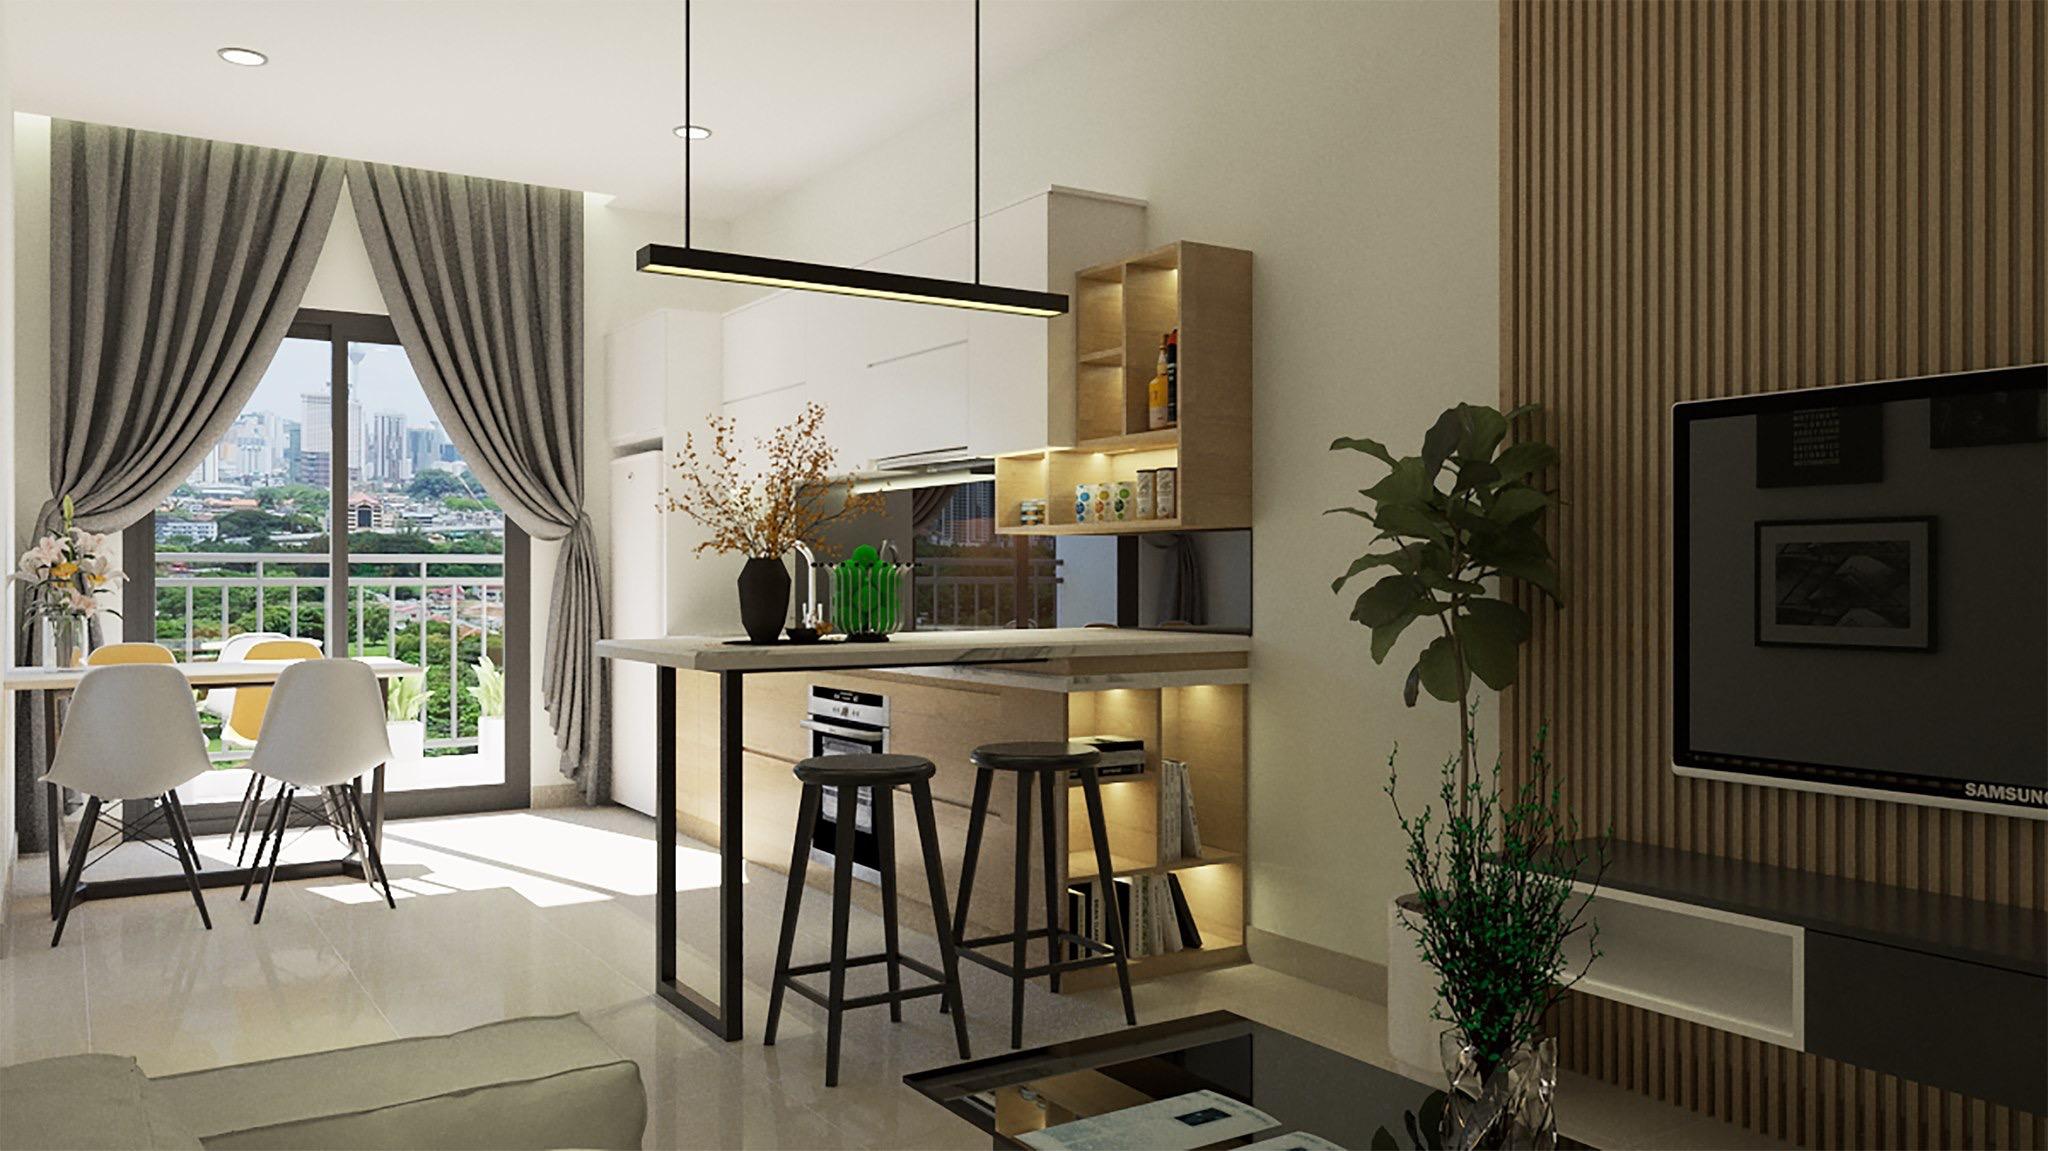 thiết kế nội thất chung cư tại Hồ Chí Minh Căn hộ anh Sáng 2 1562434320